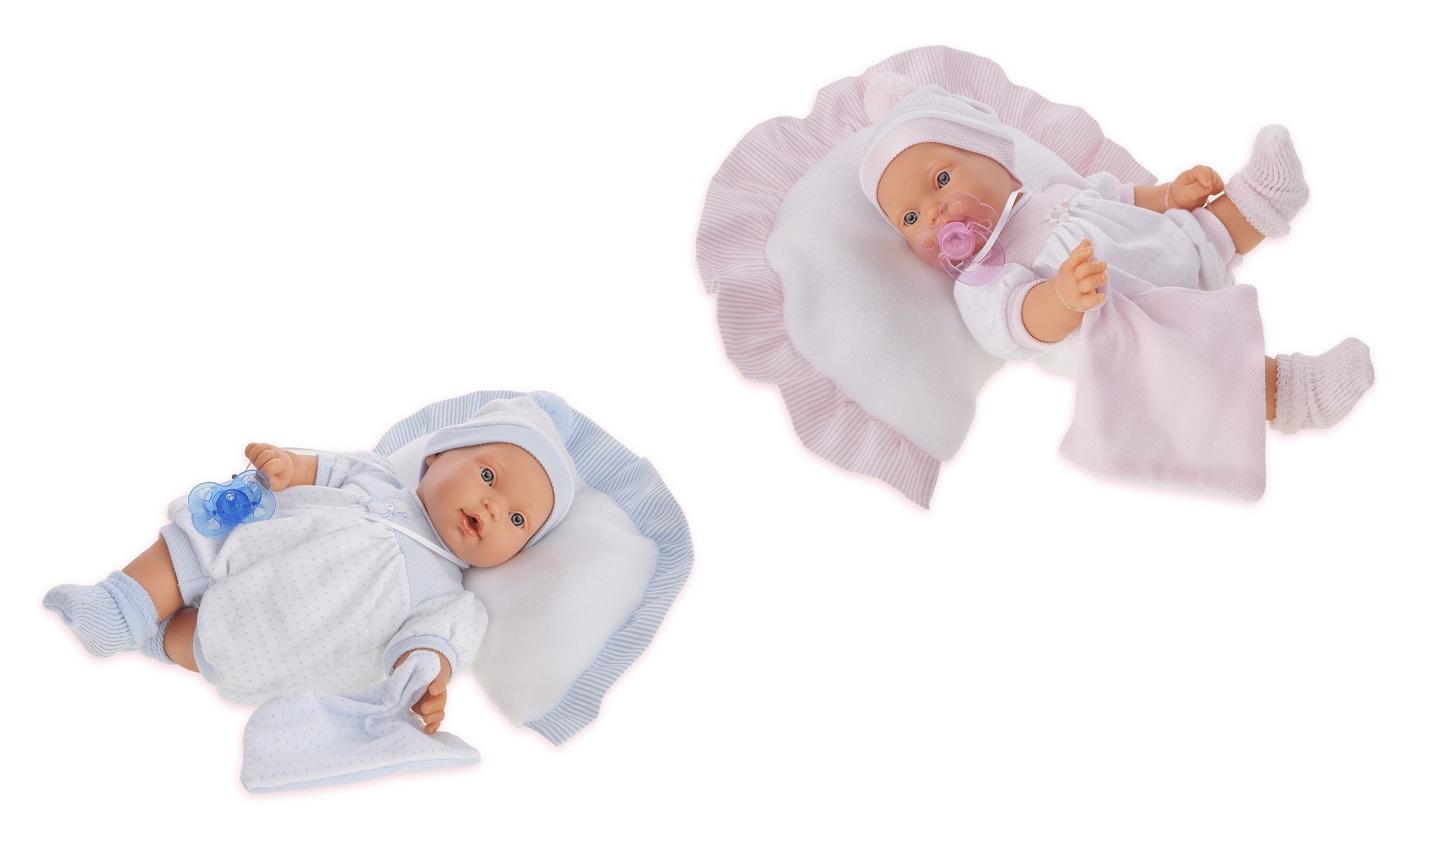 Купить Кукла Химена в розовом, плачет, 27 см., Antonio Juans Munecas